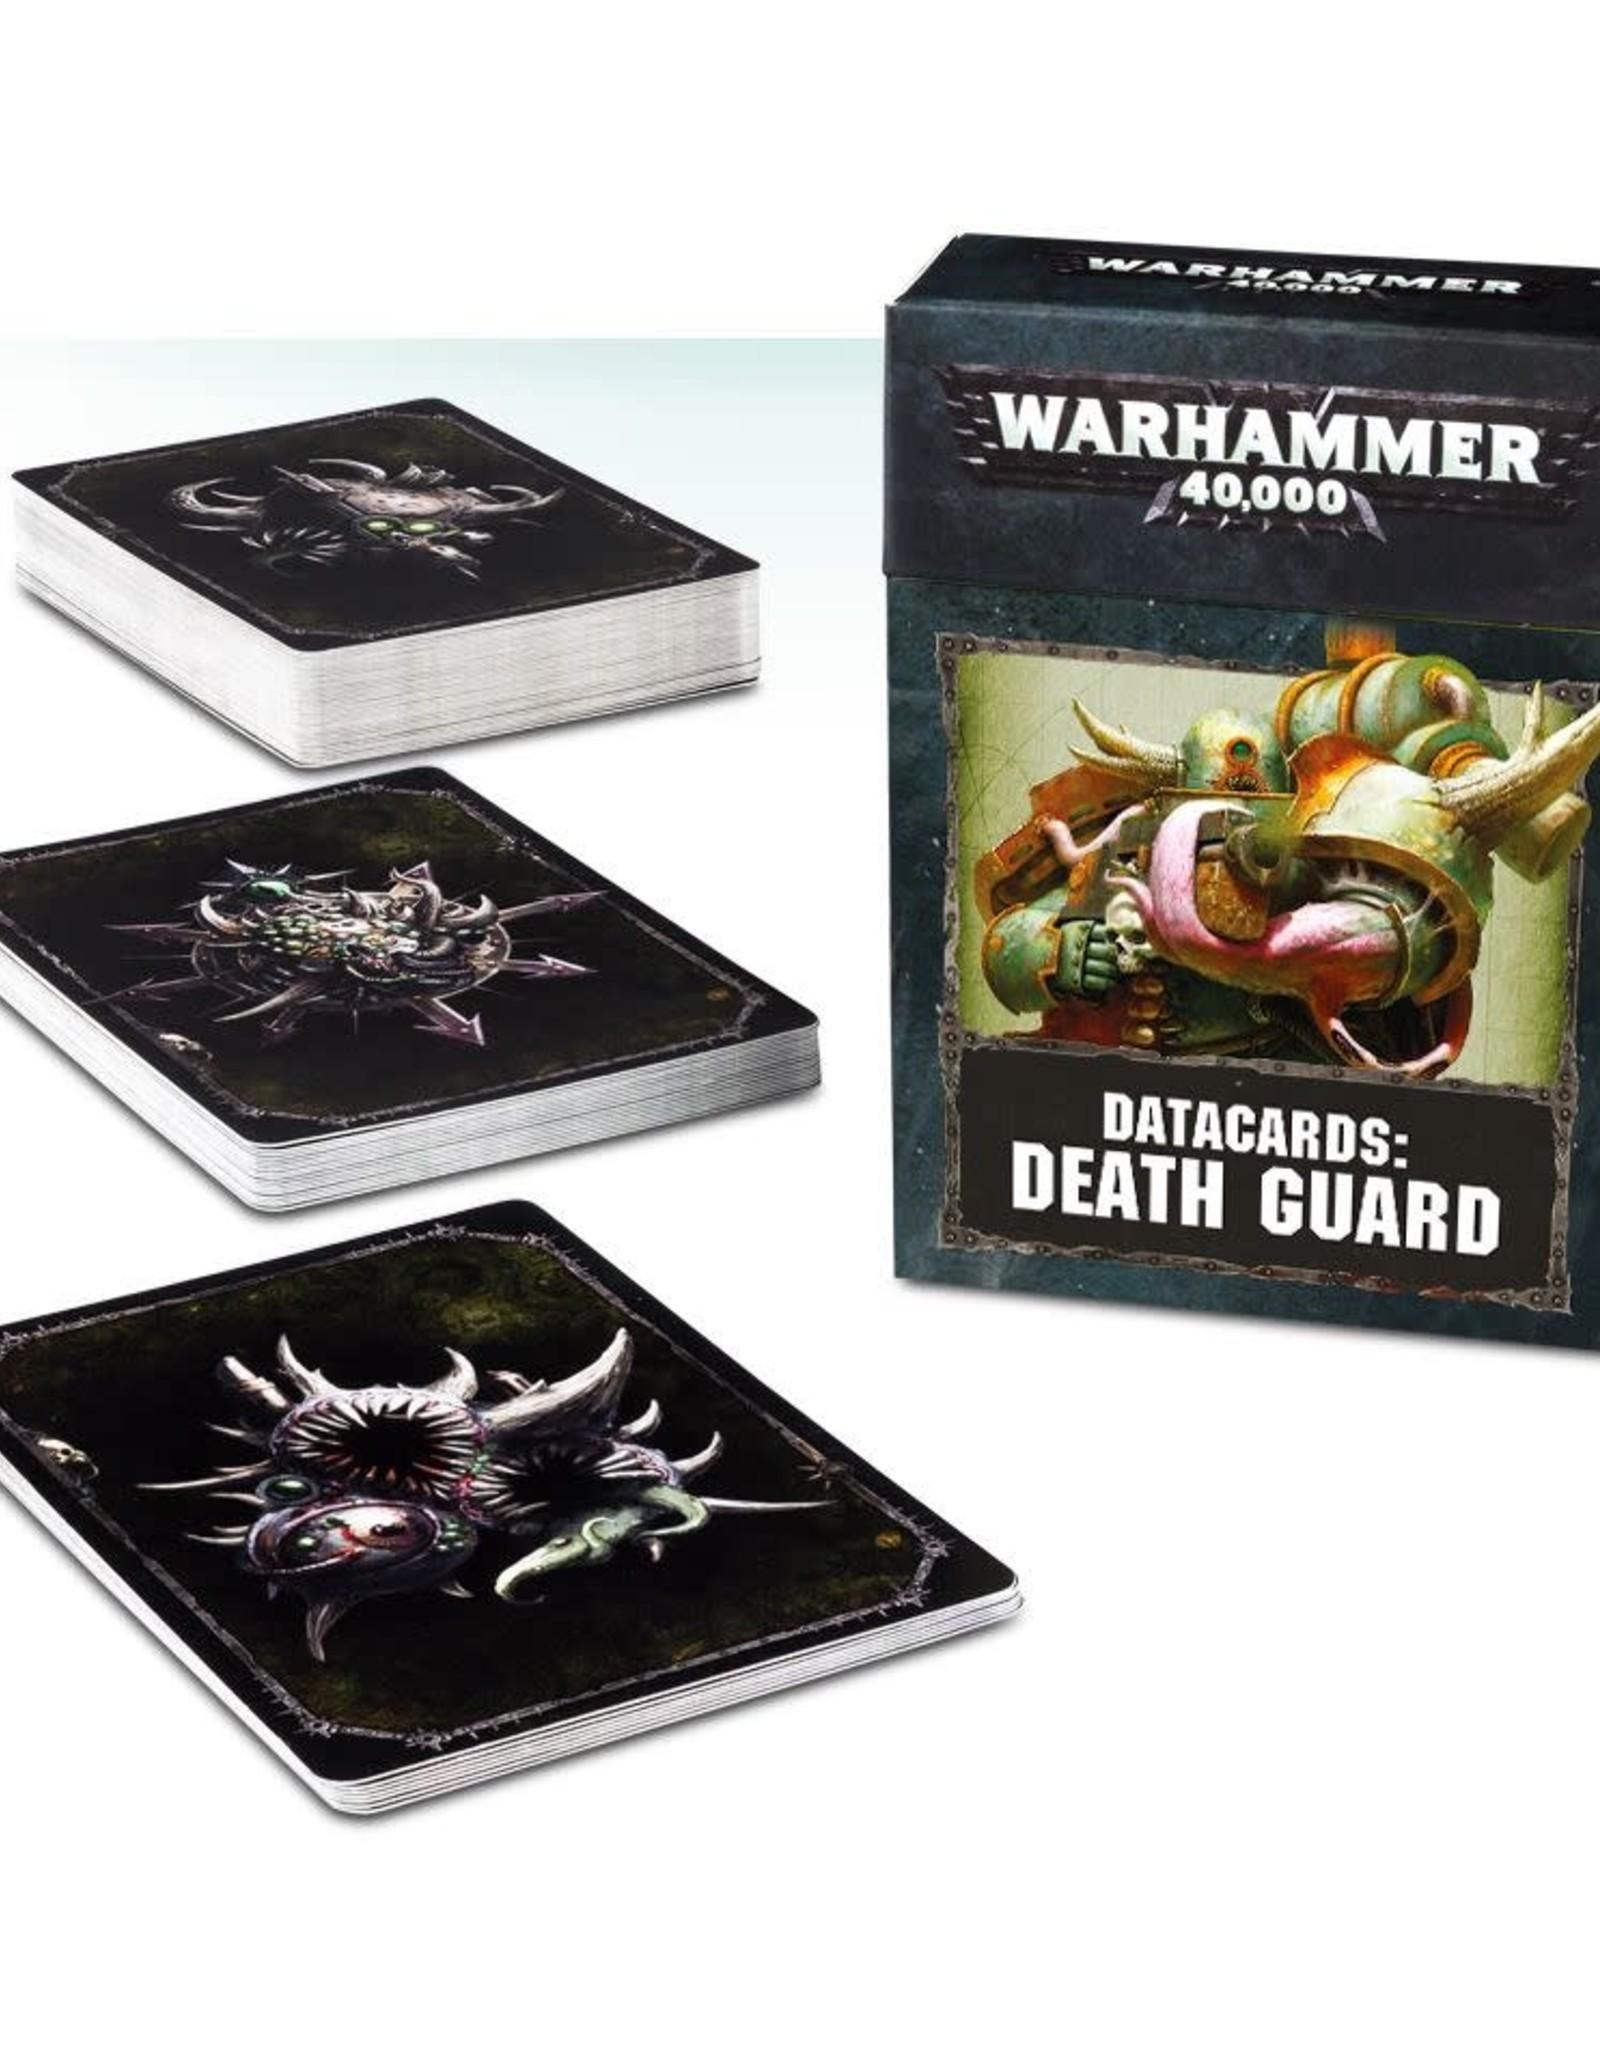 Warhammer 40K Datacards: Death Guard